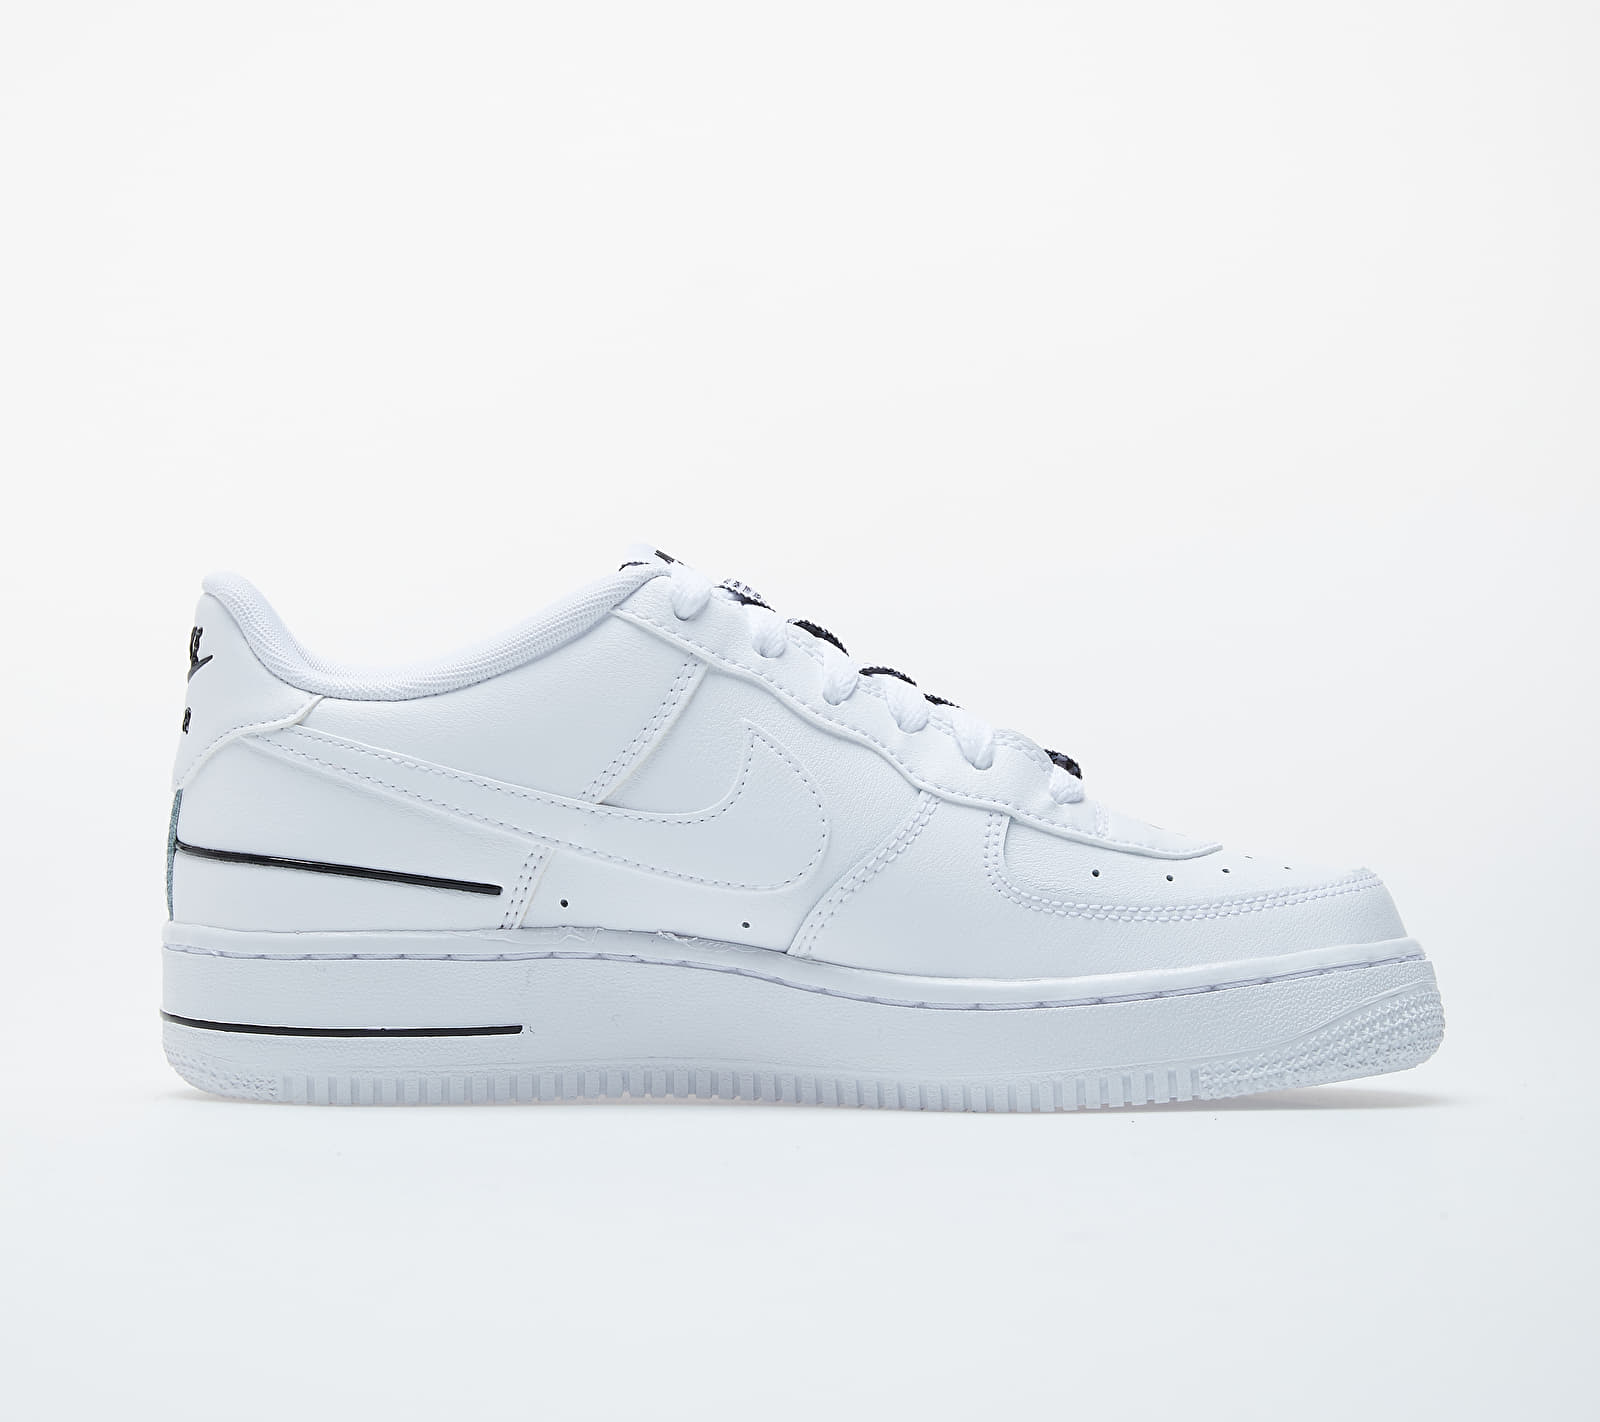 Nike Air Force 1 LV8 3 (GS) White/ White-Black